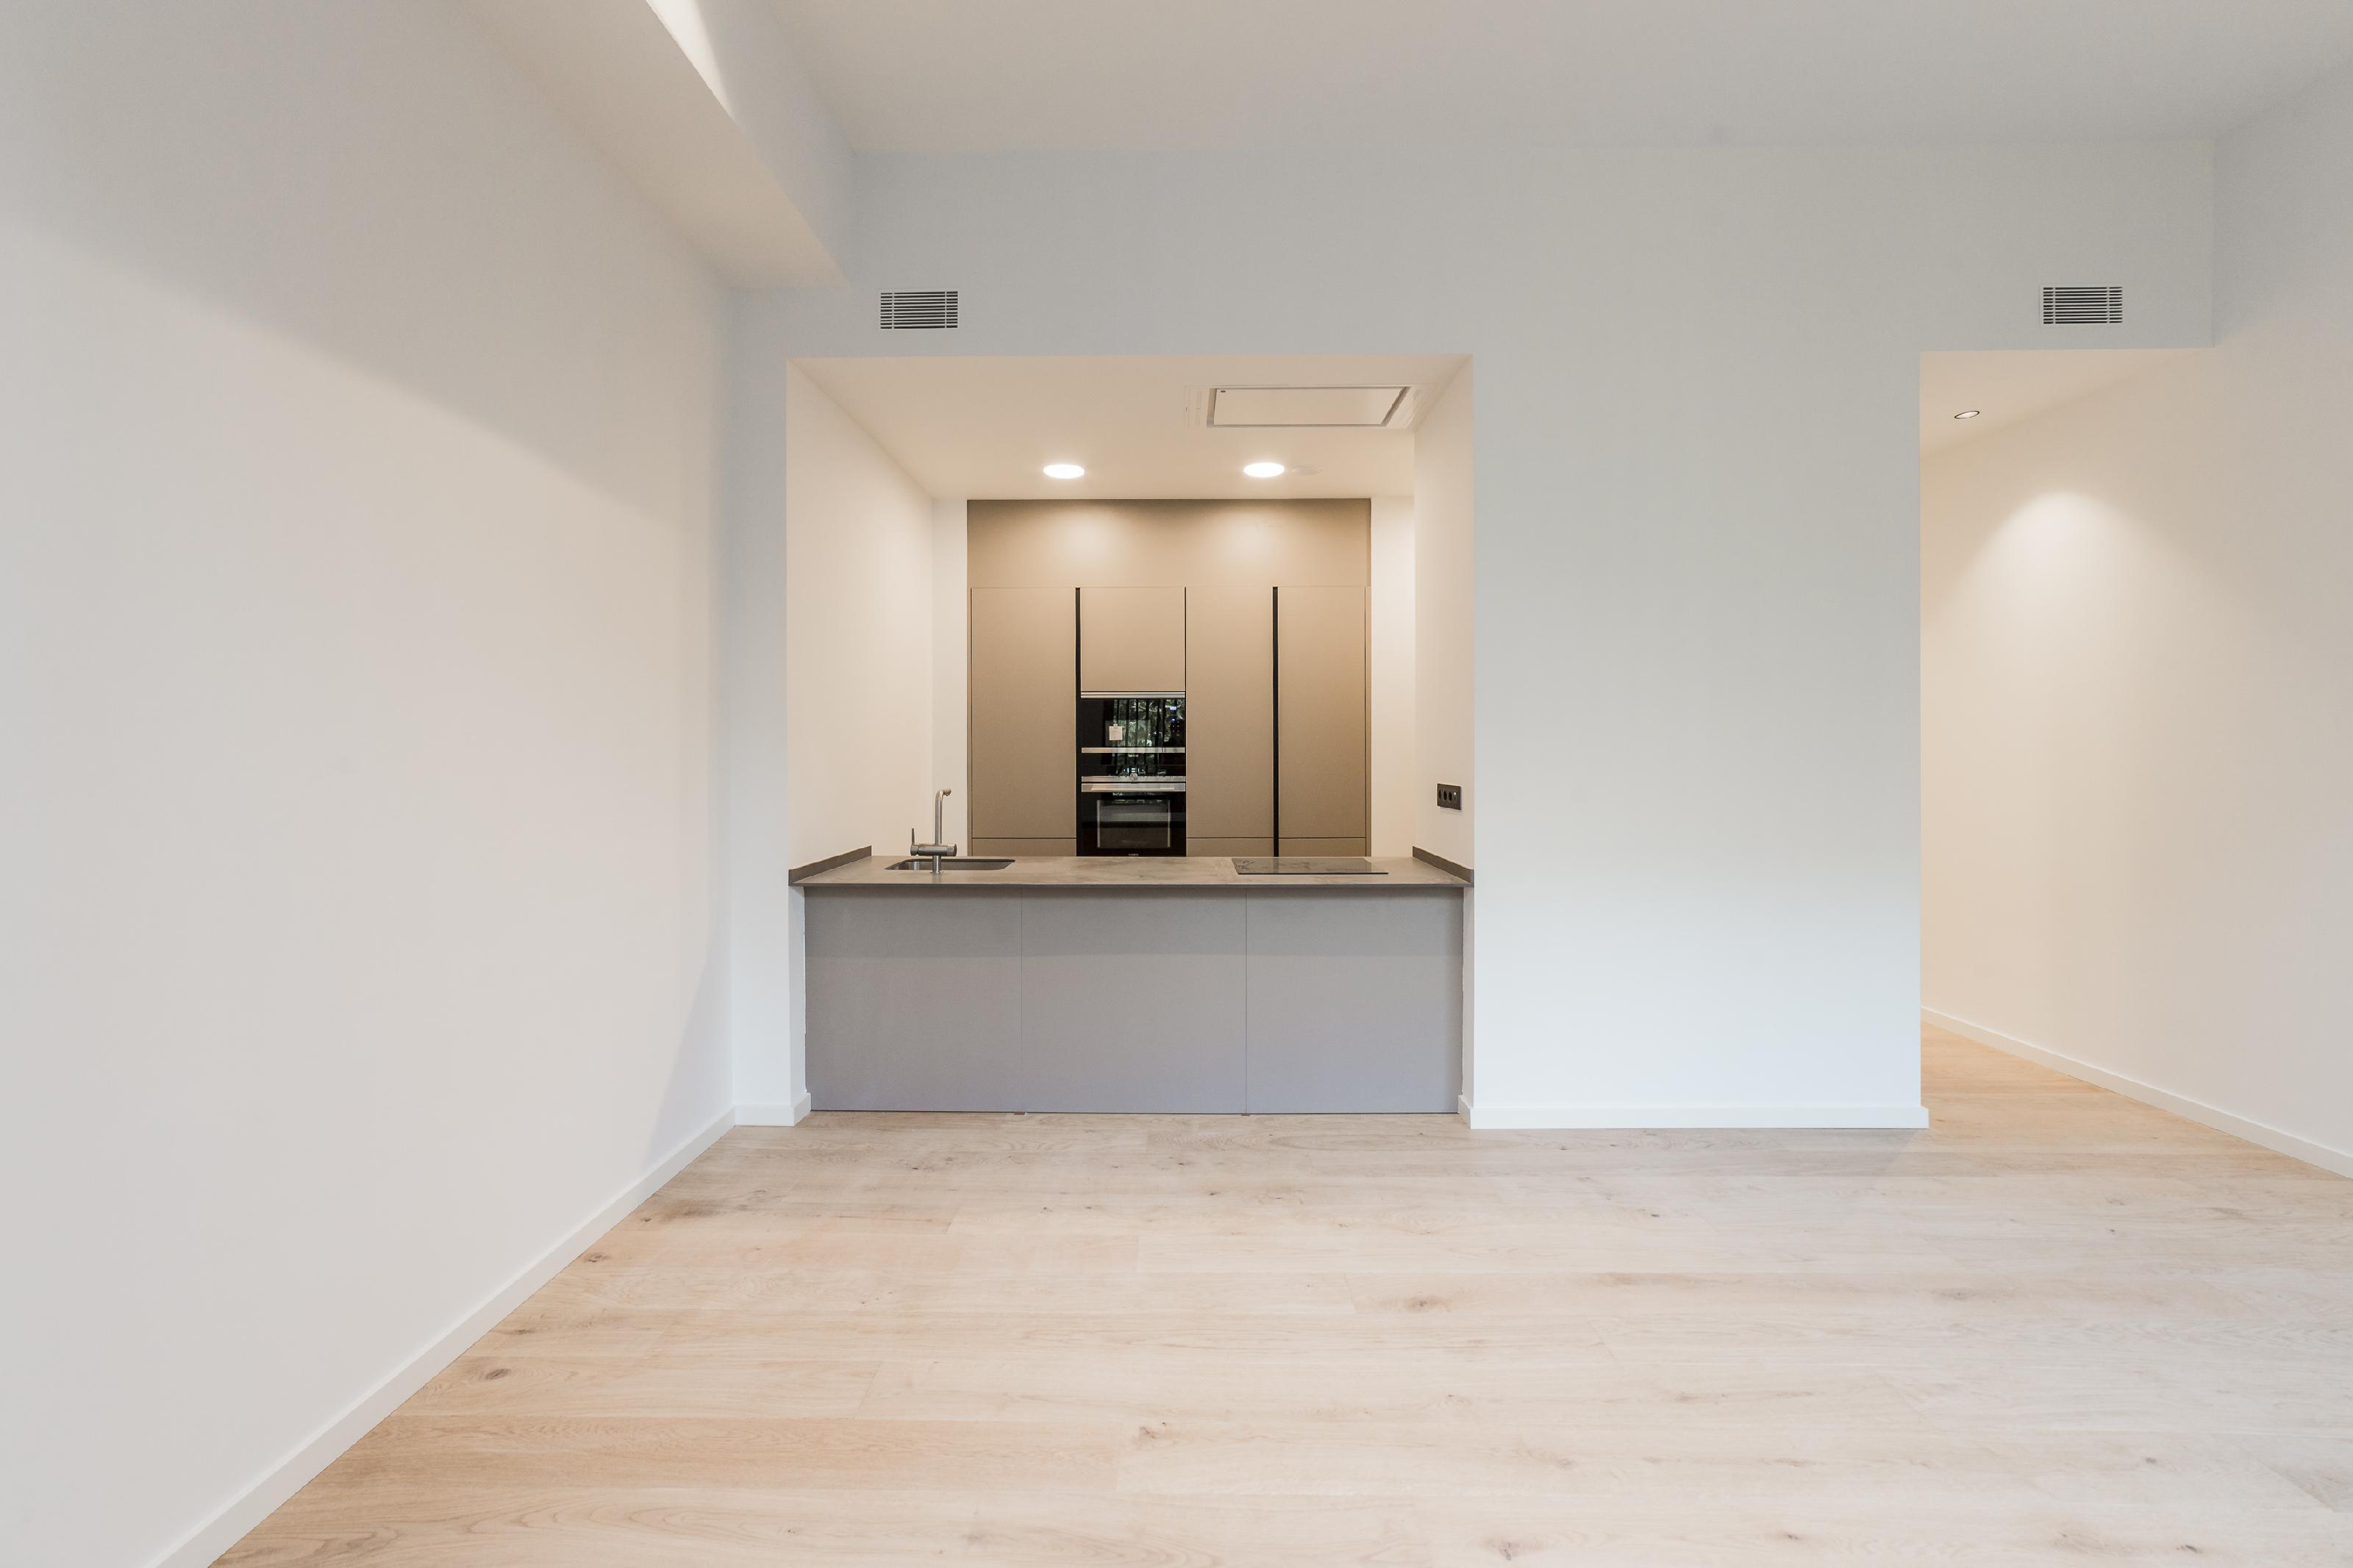 251949 Apartment for sale in Eixample, Antiga Esquerre Eixample 8